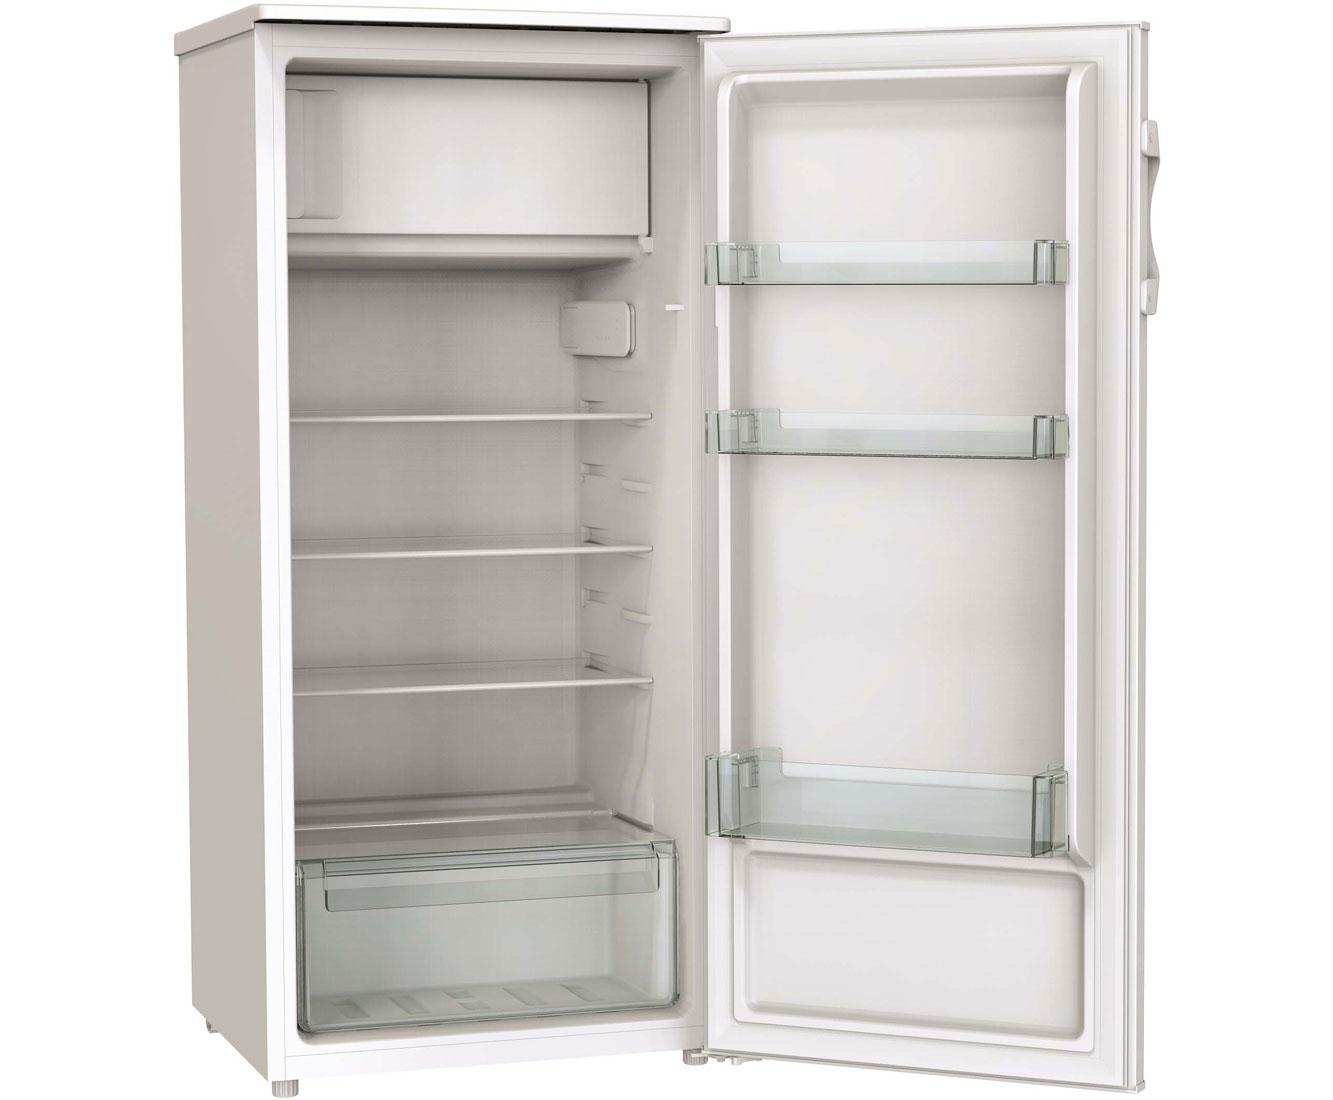 Gorenje Kühlschrank Side By Side : Gorenje rb anw kühlschrank mit gefrierfach weiß a